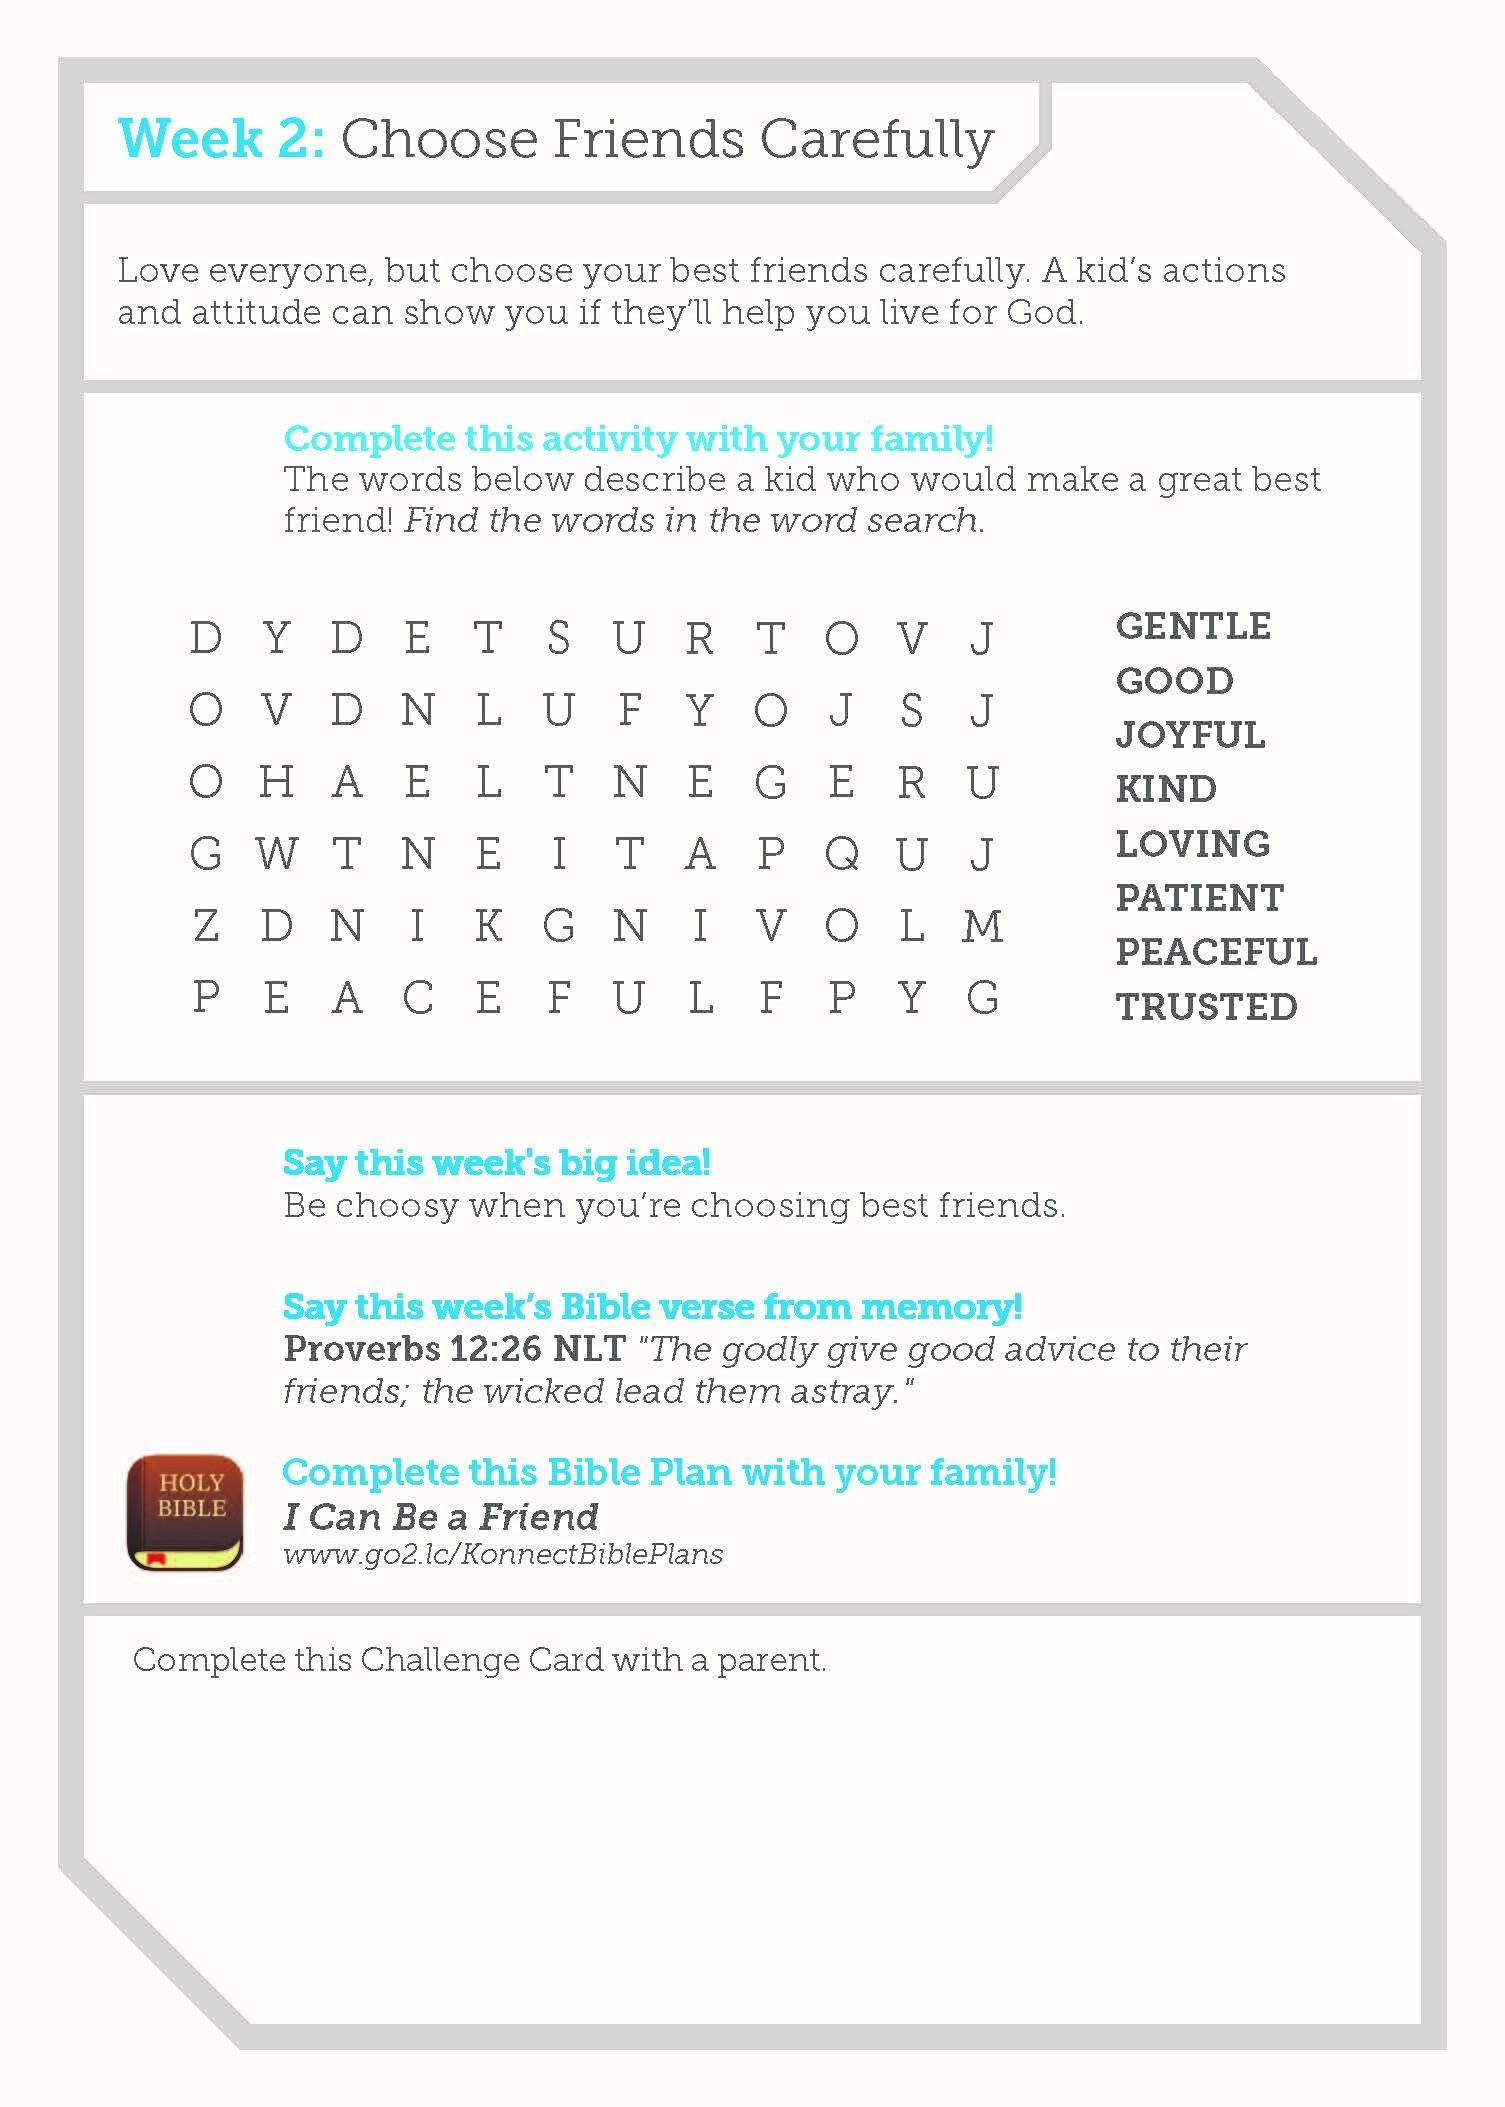 challenge card (week 2).jpg